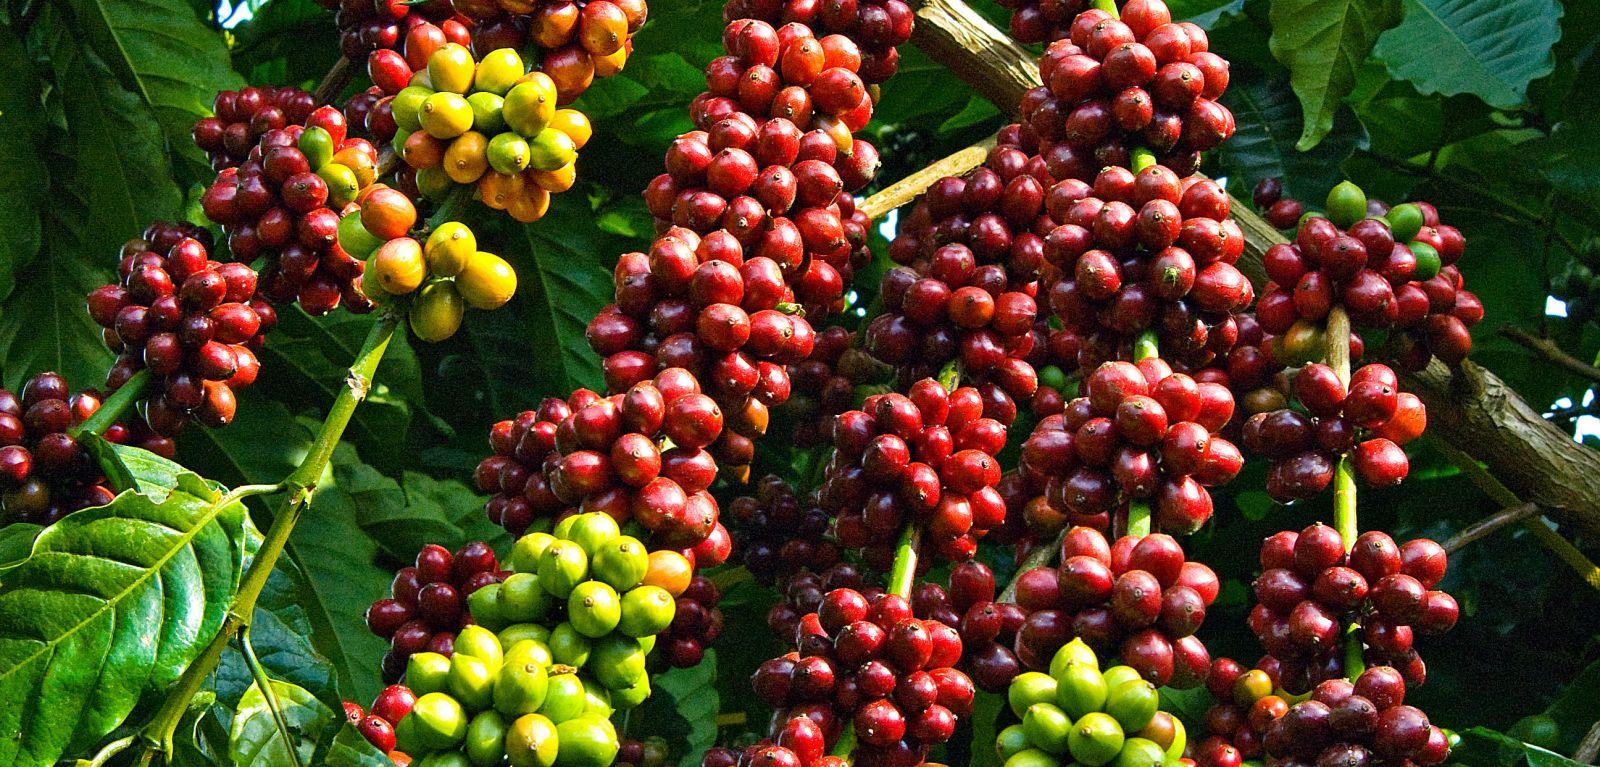 phong tru sau duc than cho cay ca phe 1 - Phòng trừ sâu đục thân cho cây cà phê